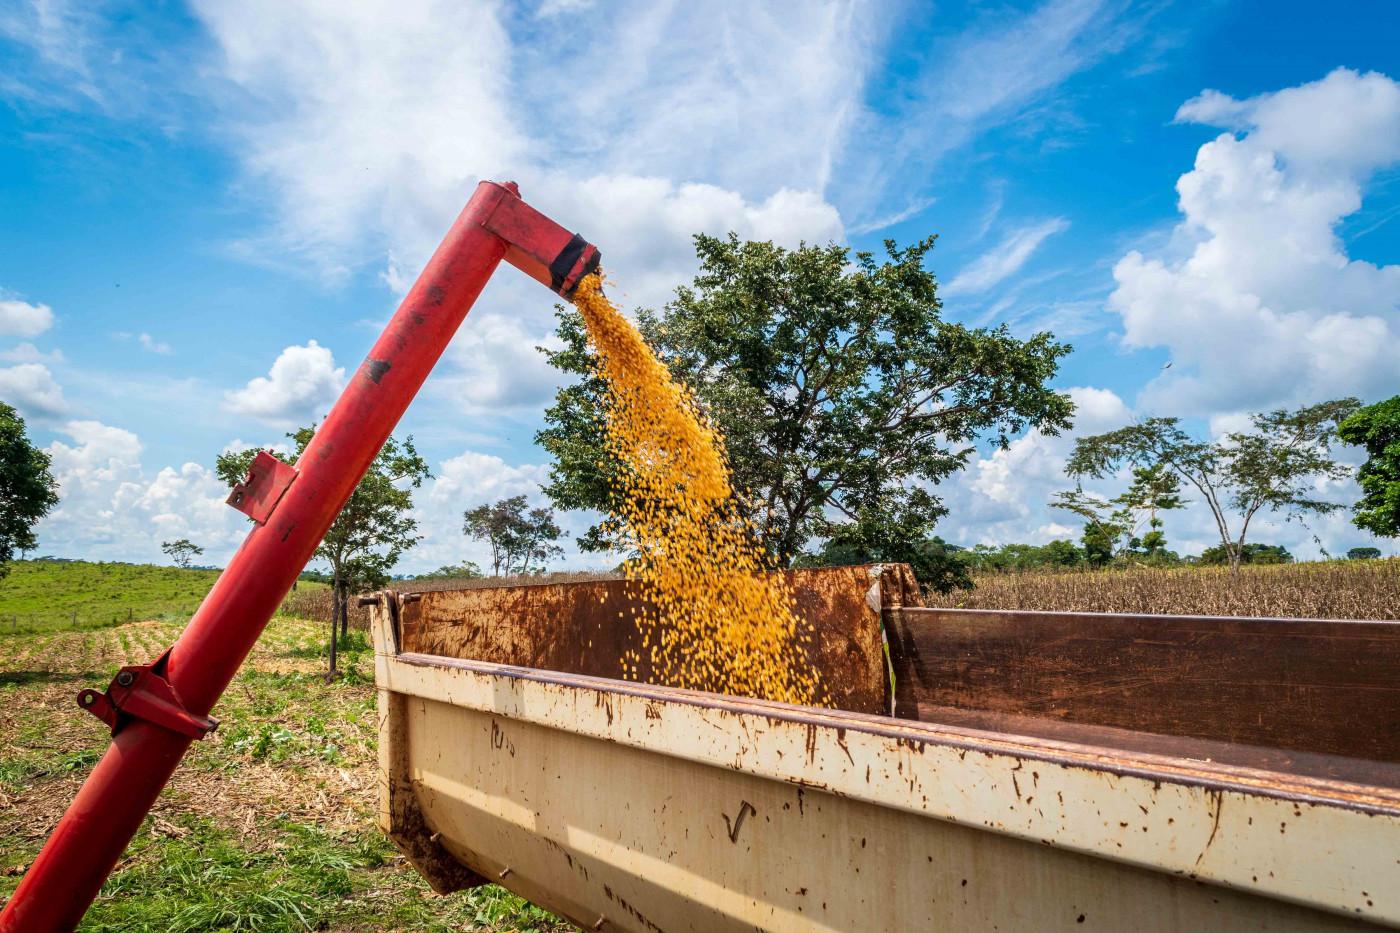 Máquina vermelha jogando milho em um suporte